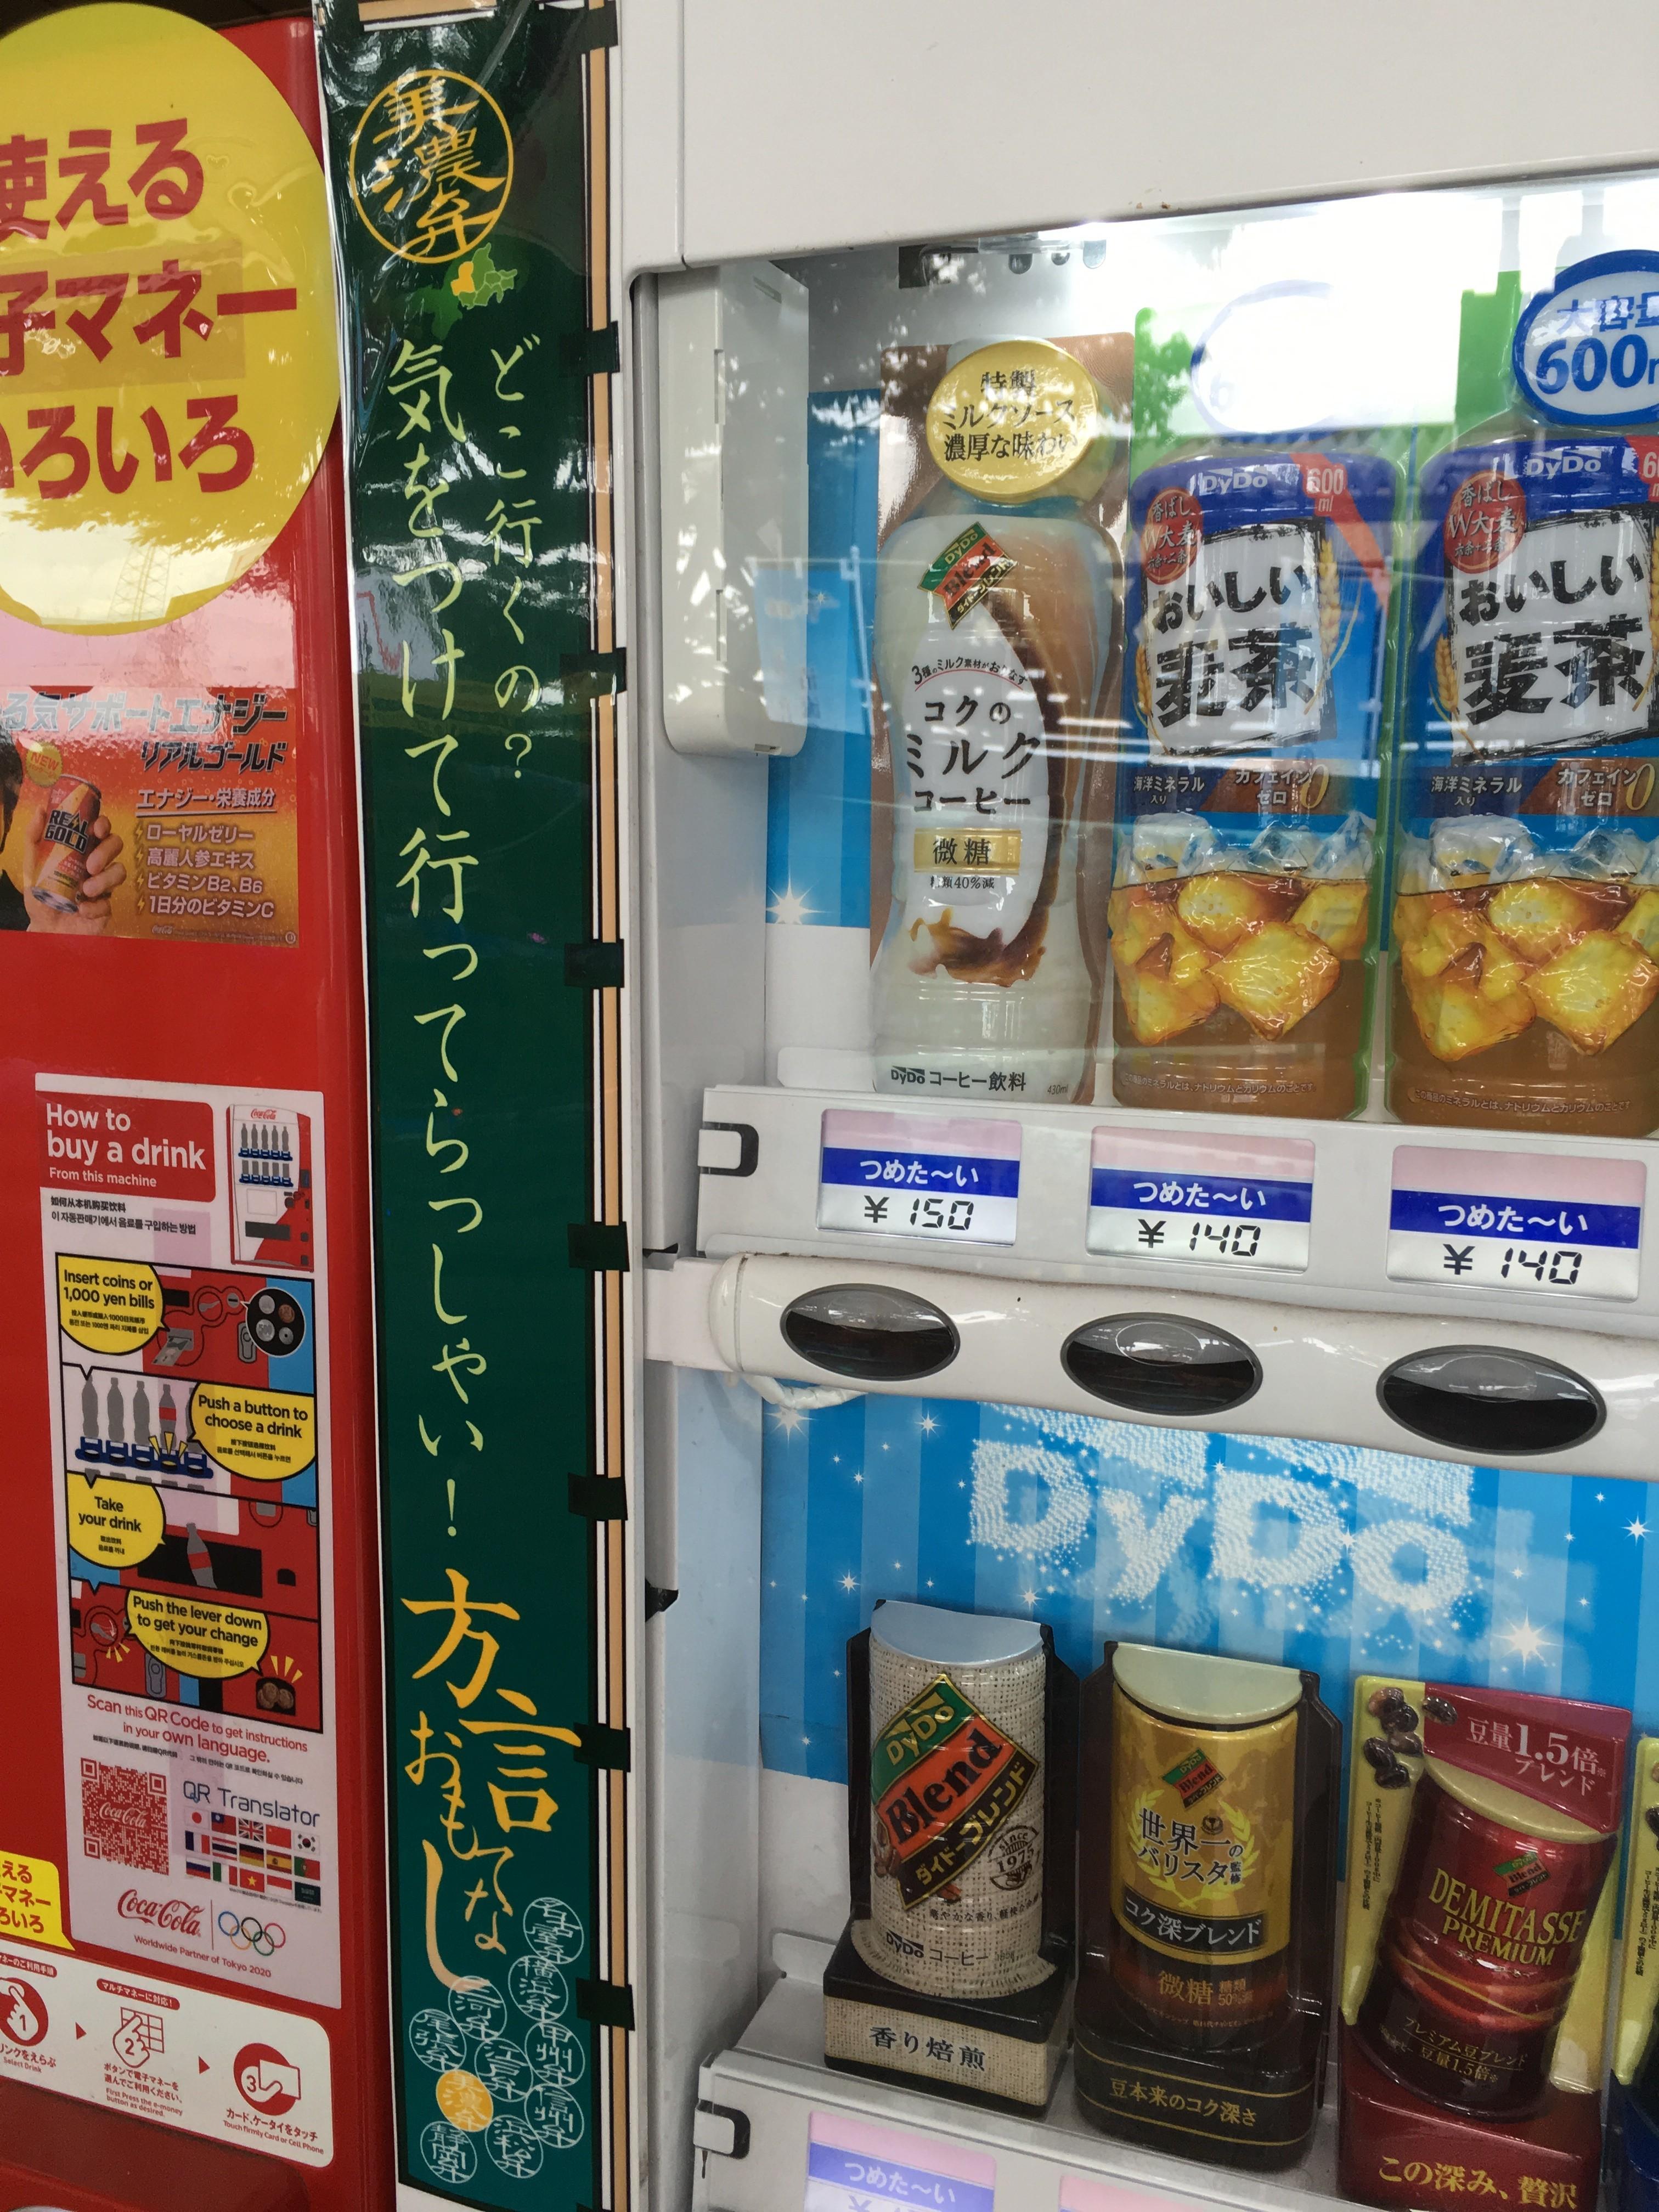 中央道 方言自動販売機 競演!!